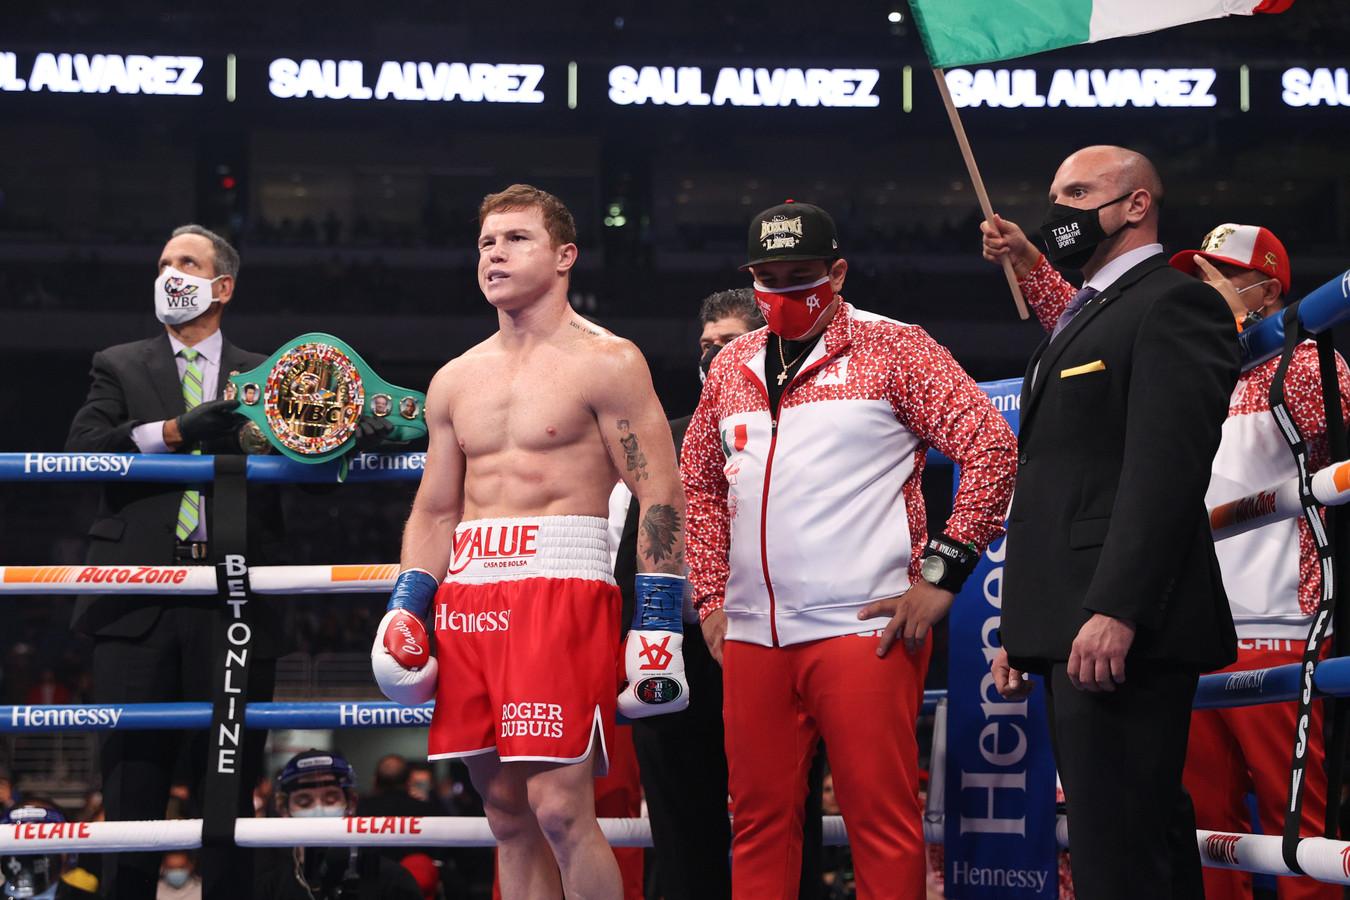 Canelo Alvarez wordt geïntroduceerd voor zijn WBA, WBC en Ring Magazine super middengewicht kampioenschap tegen Callum Smith in de Alamodome in San Antonio, TX.